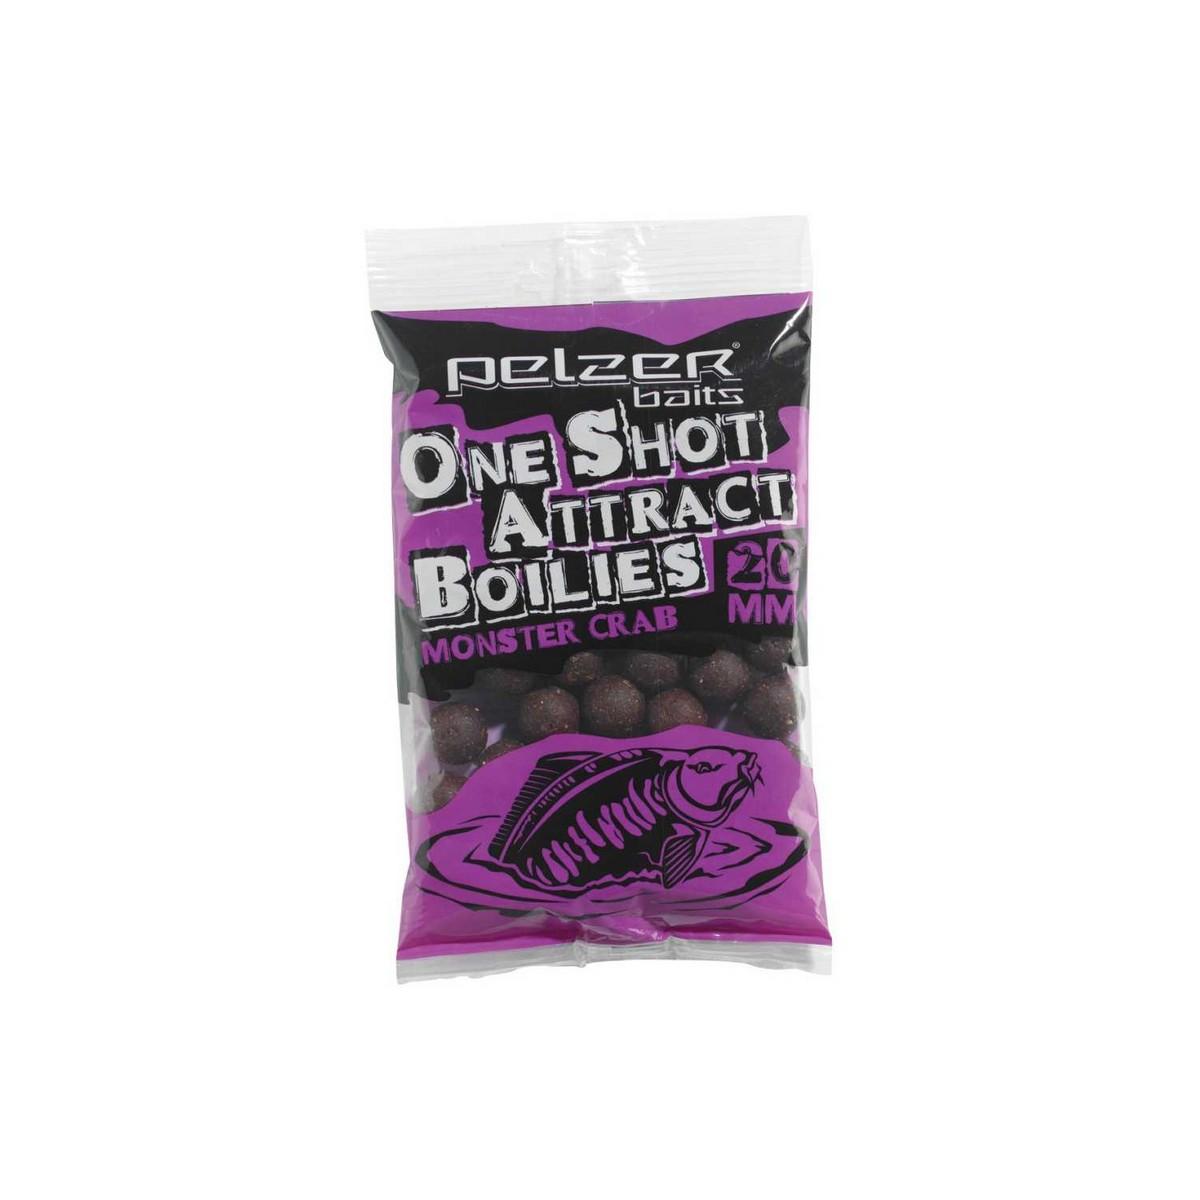 Pelzer One Shot Attract Boilies - протеинови топчета, рак 1